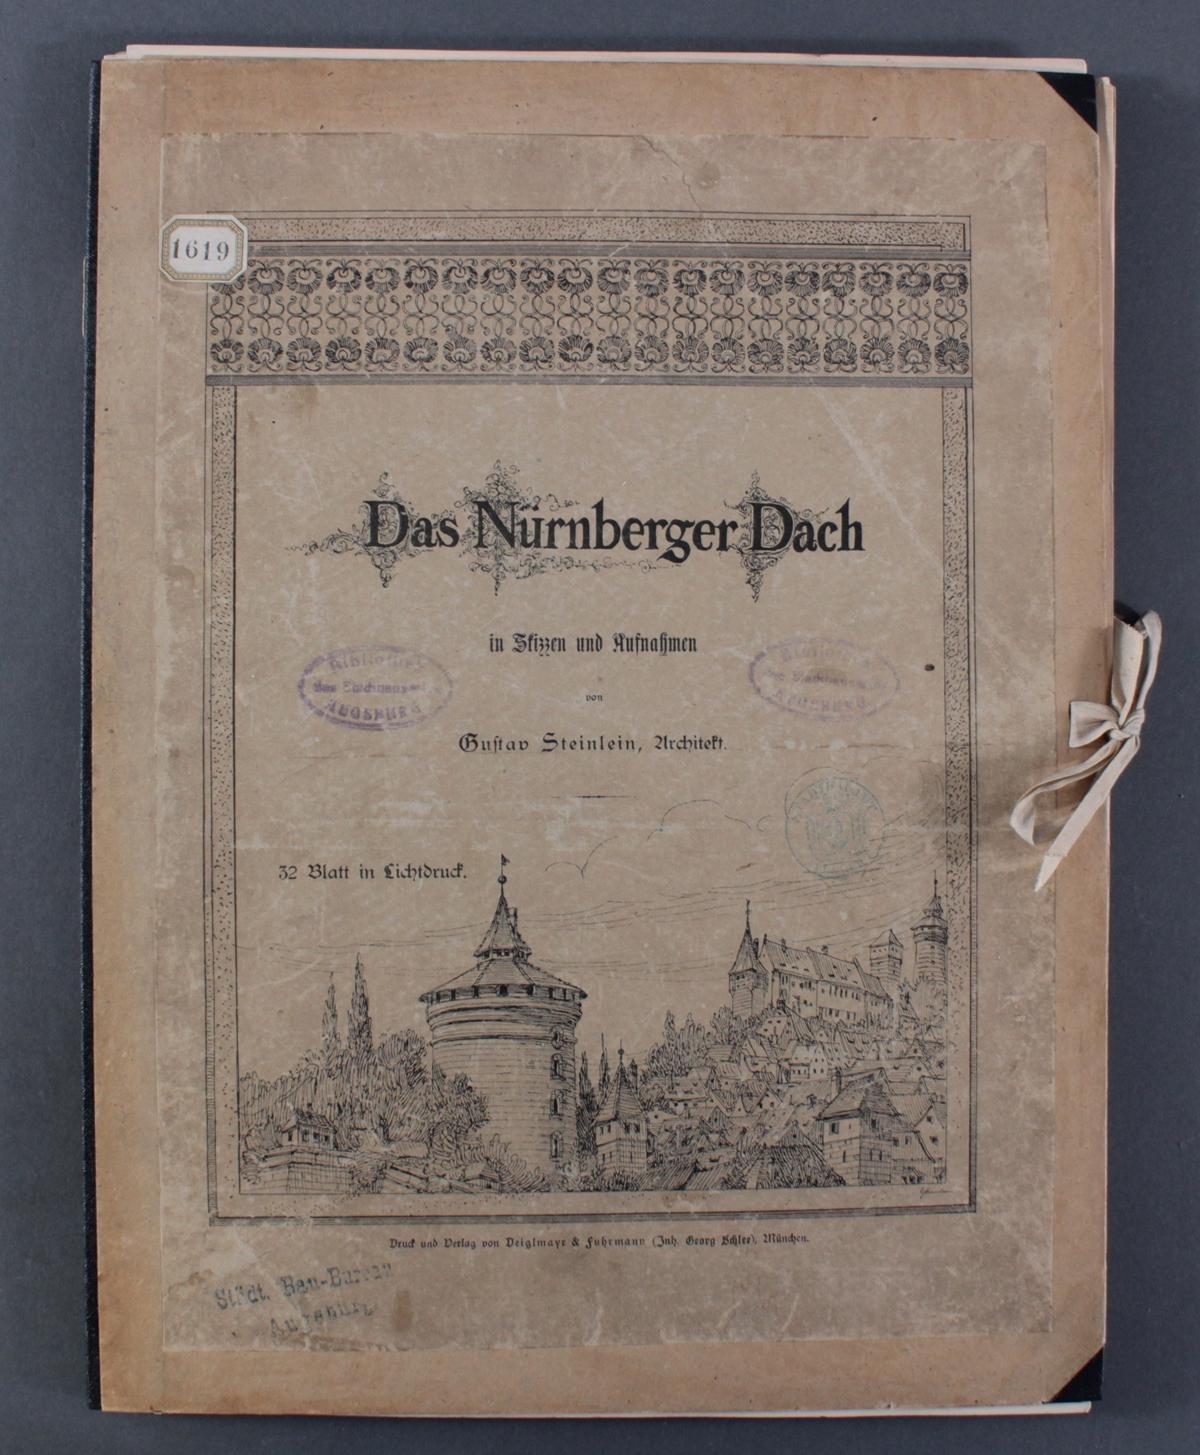 Steinlein Gustav, das Nürnberger Dach, 32 Tafeln im Lichtdruck